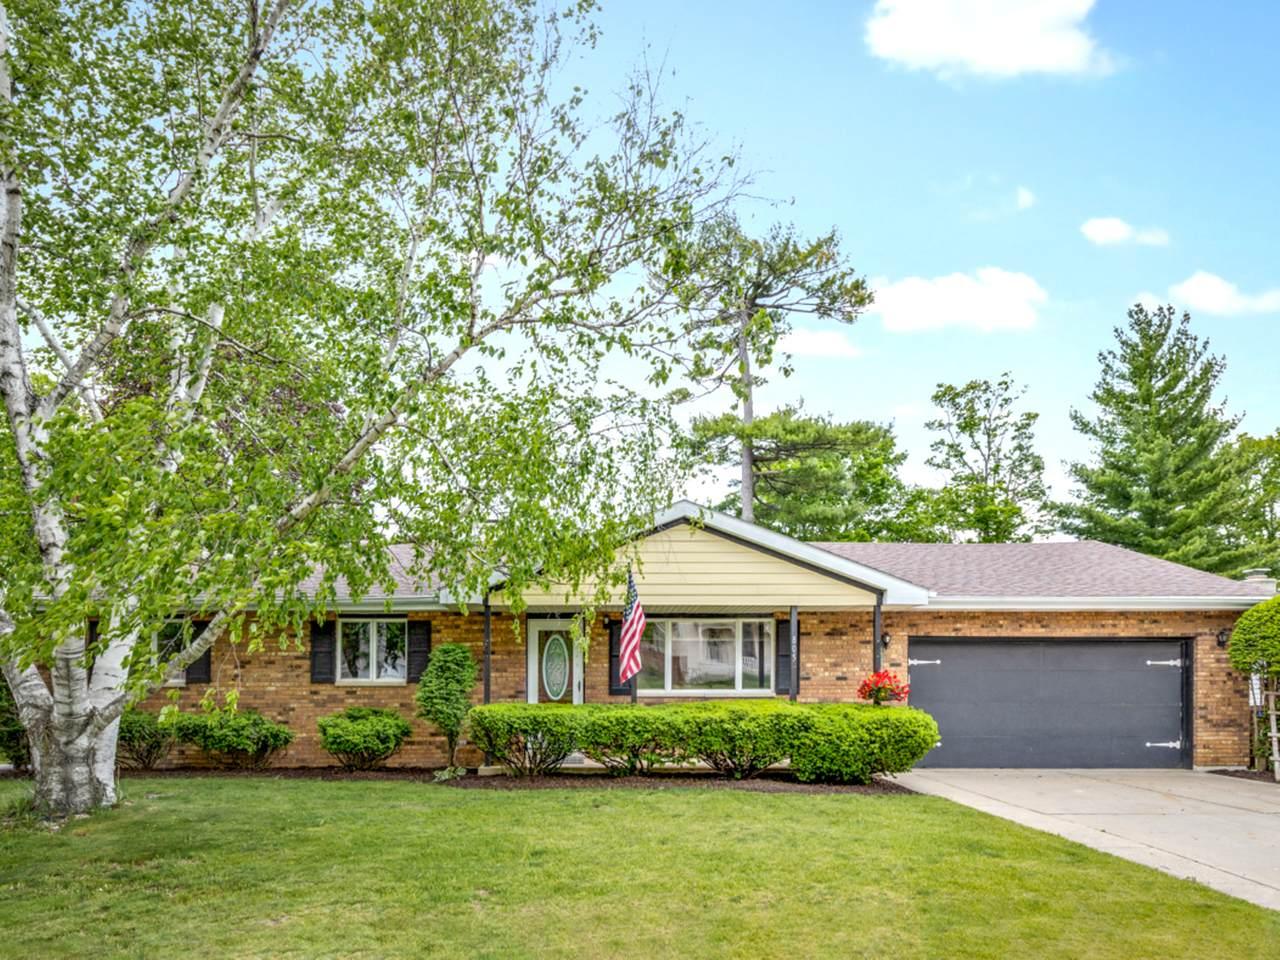 805 Royal Oak Drive - Photo 1